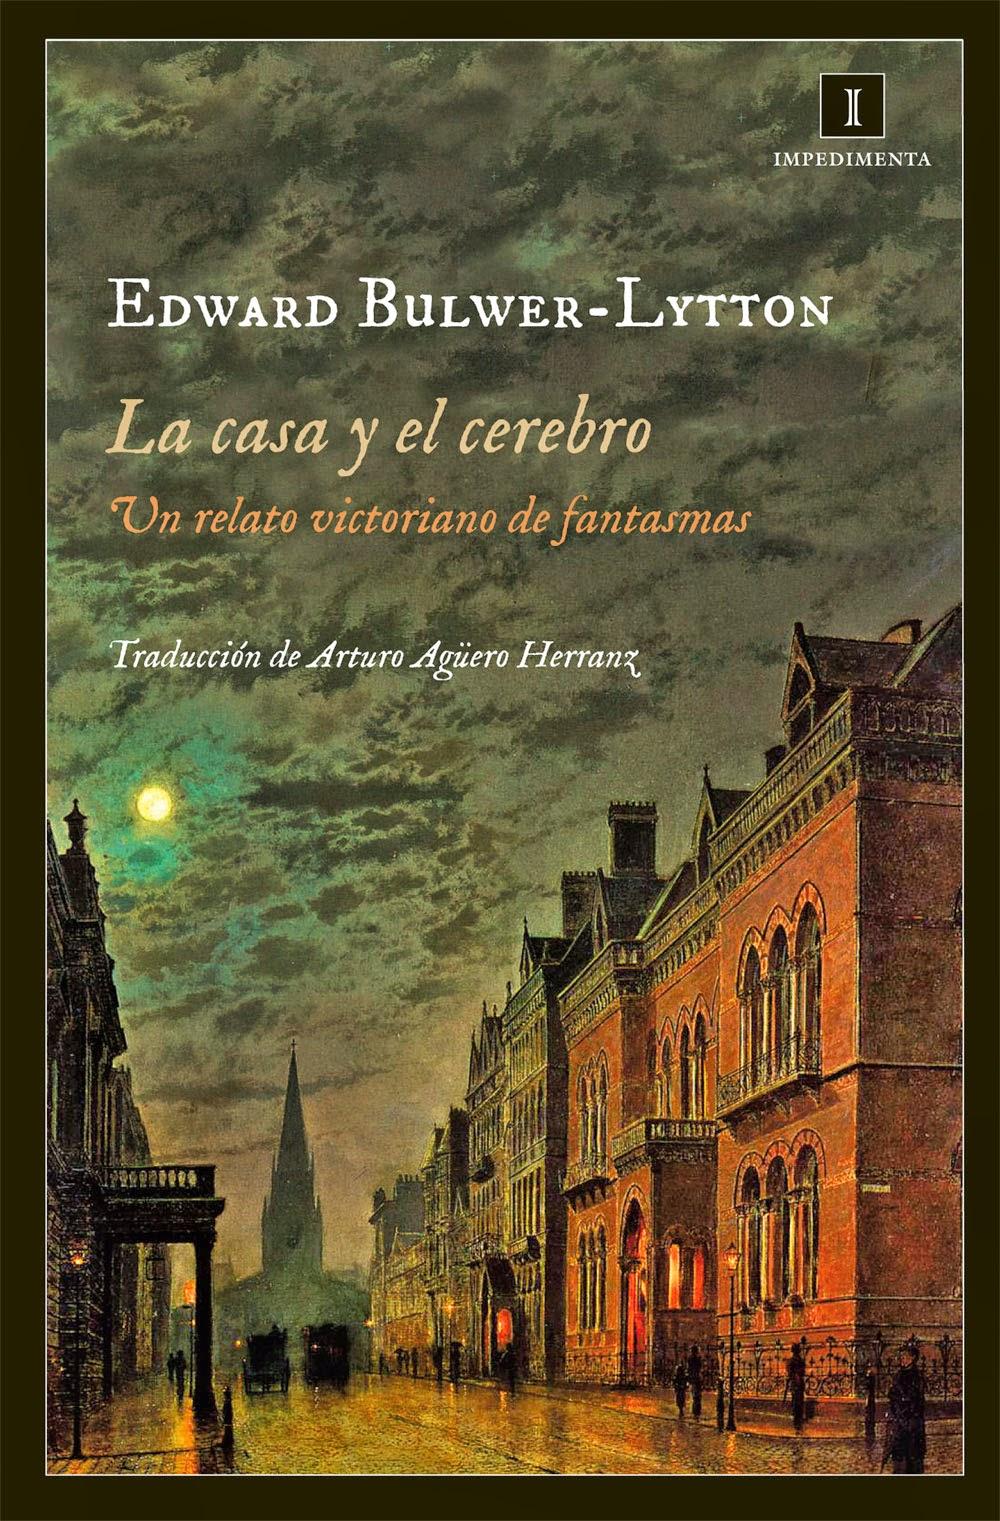 La casa y el cerebro, de Edward Bulwer.